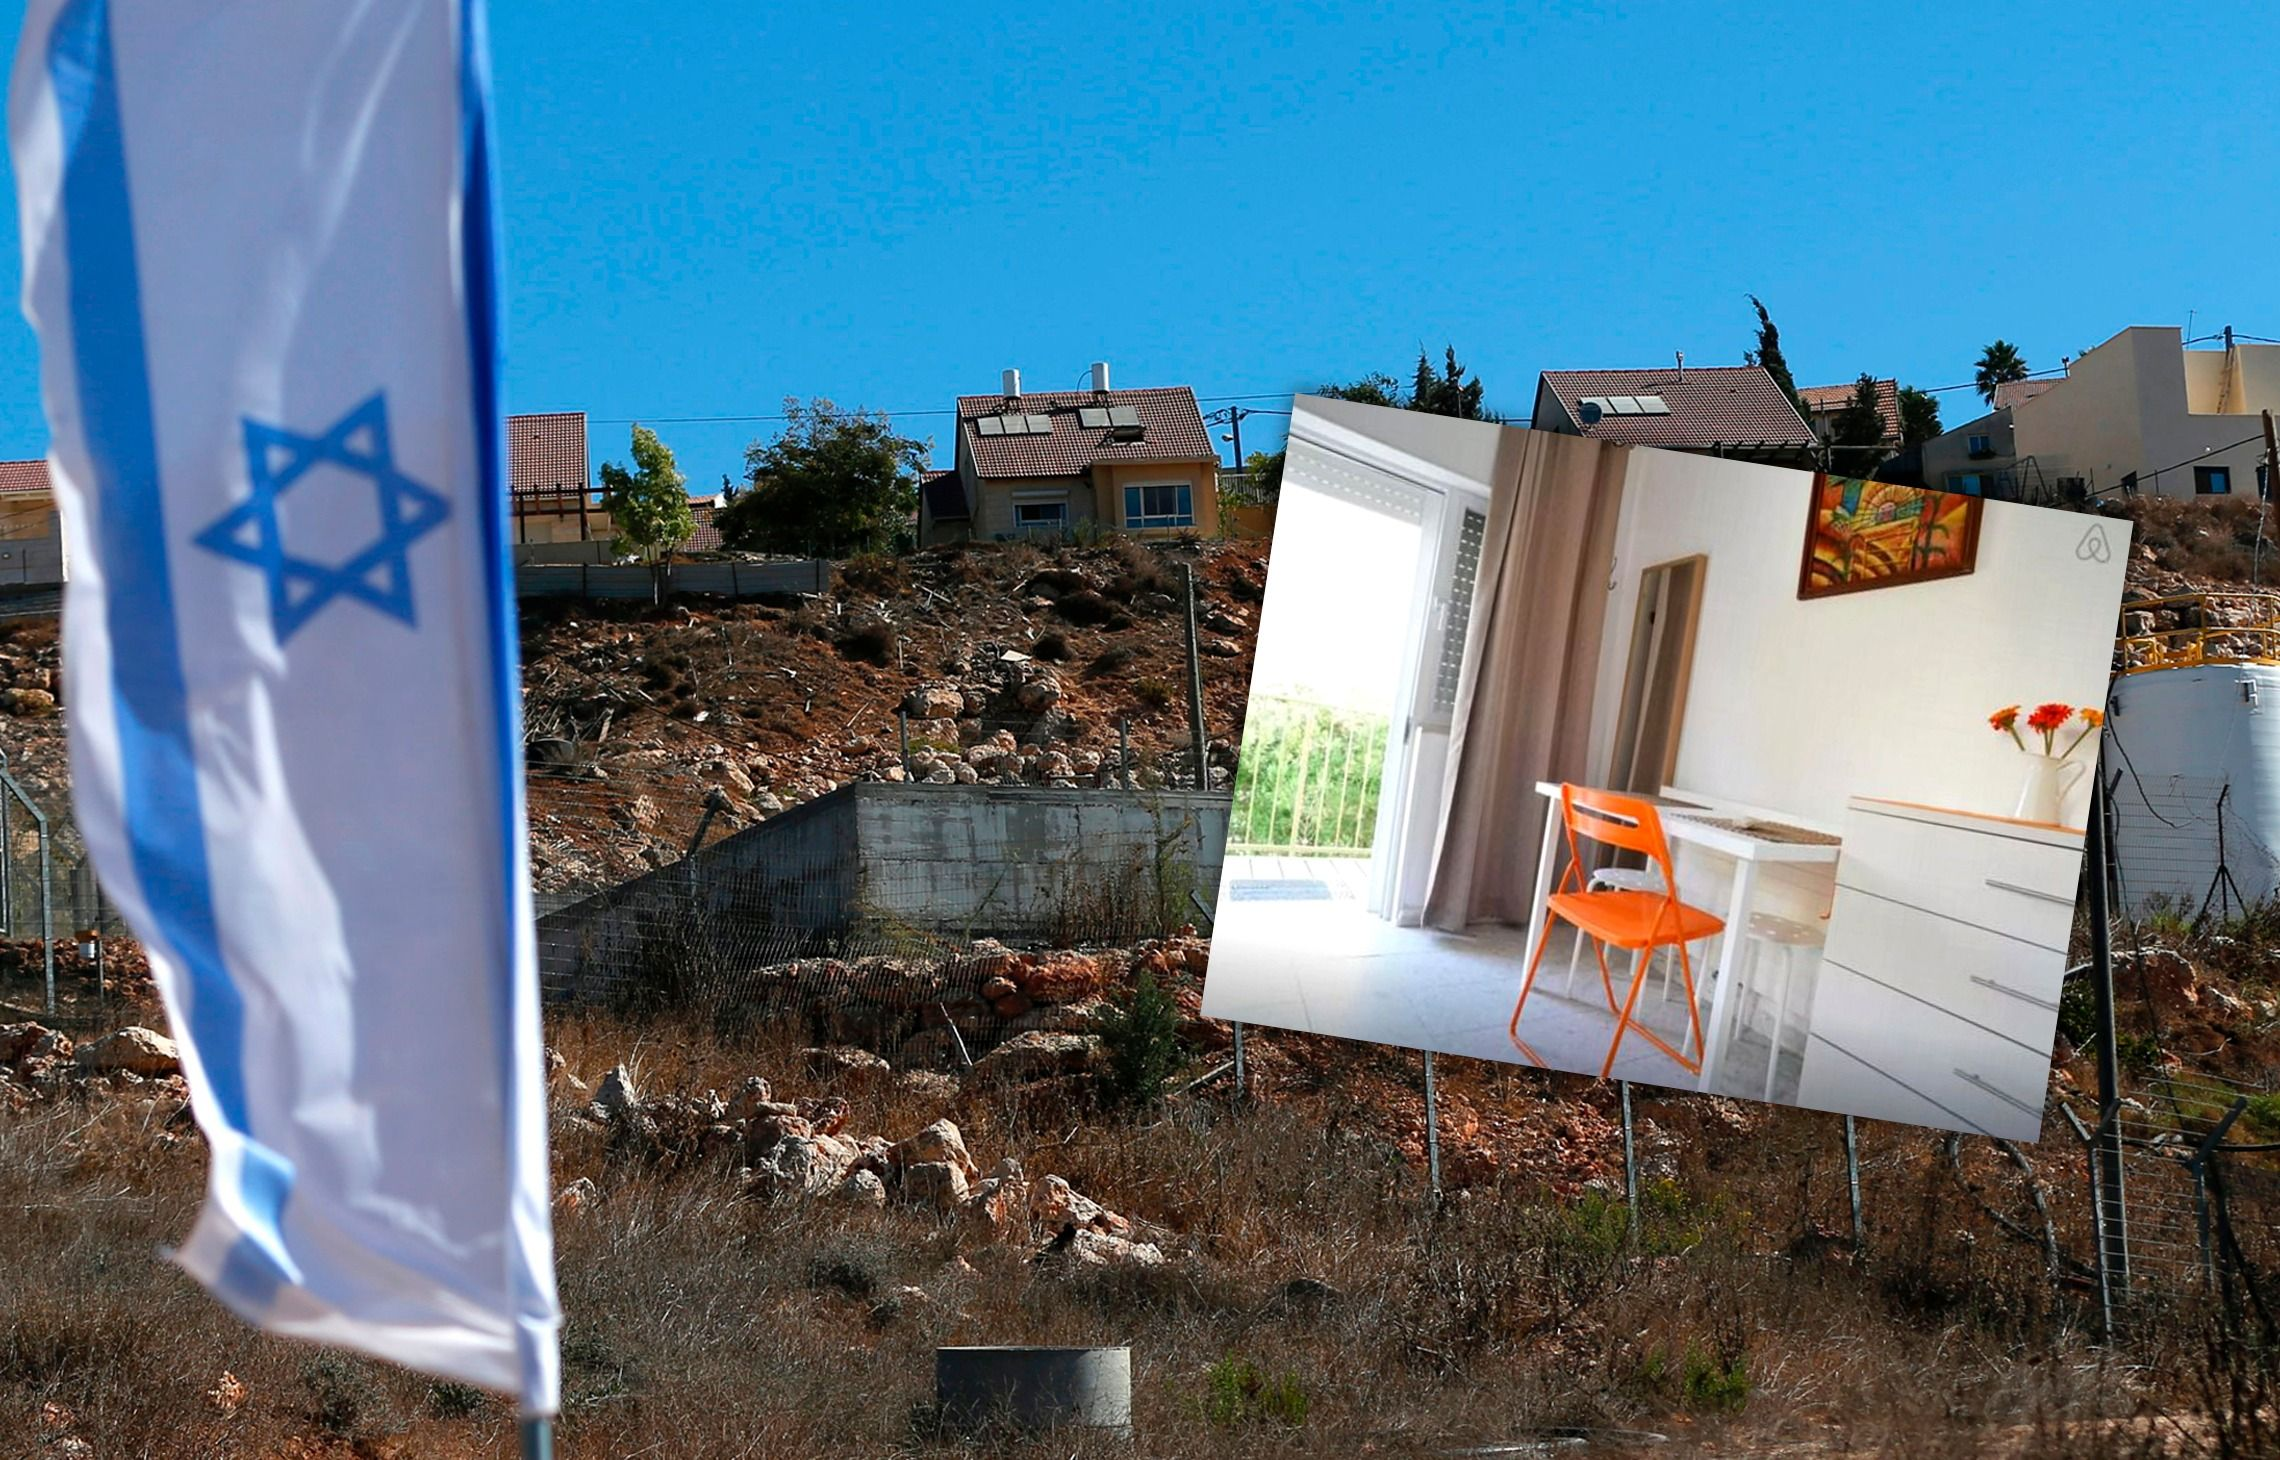 American Jews Sue Airbnb, Alleging Anti-Semitic Discrimination